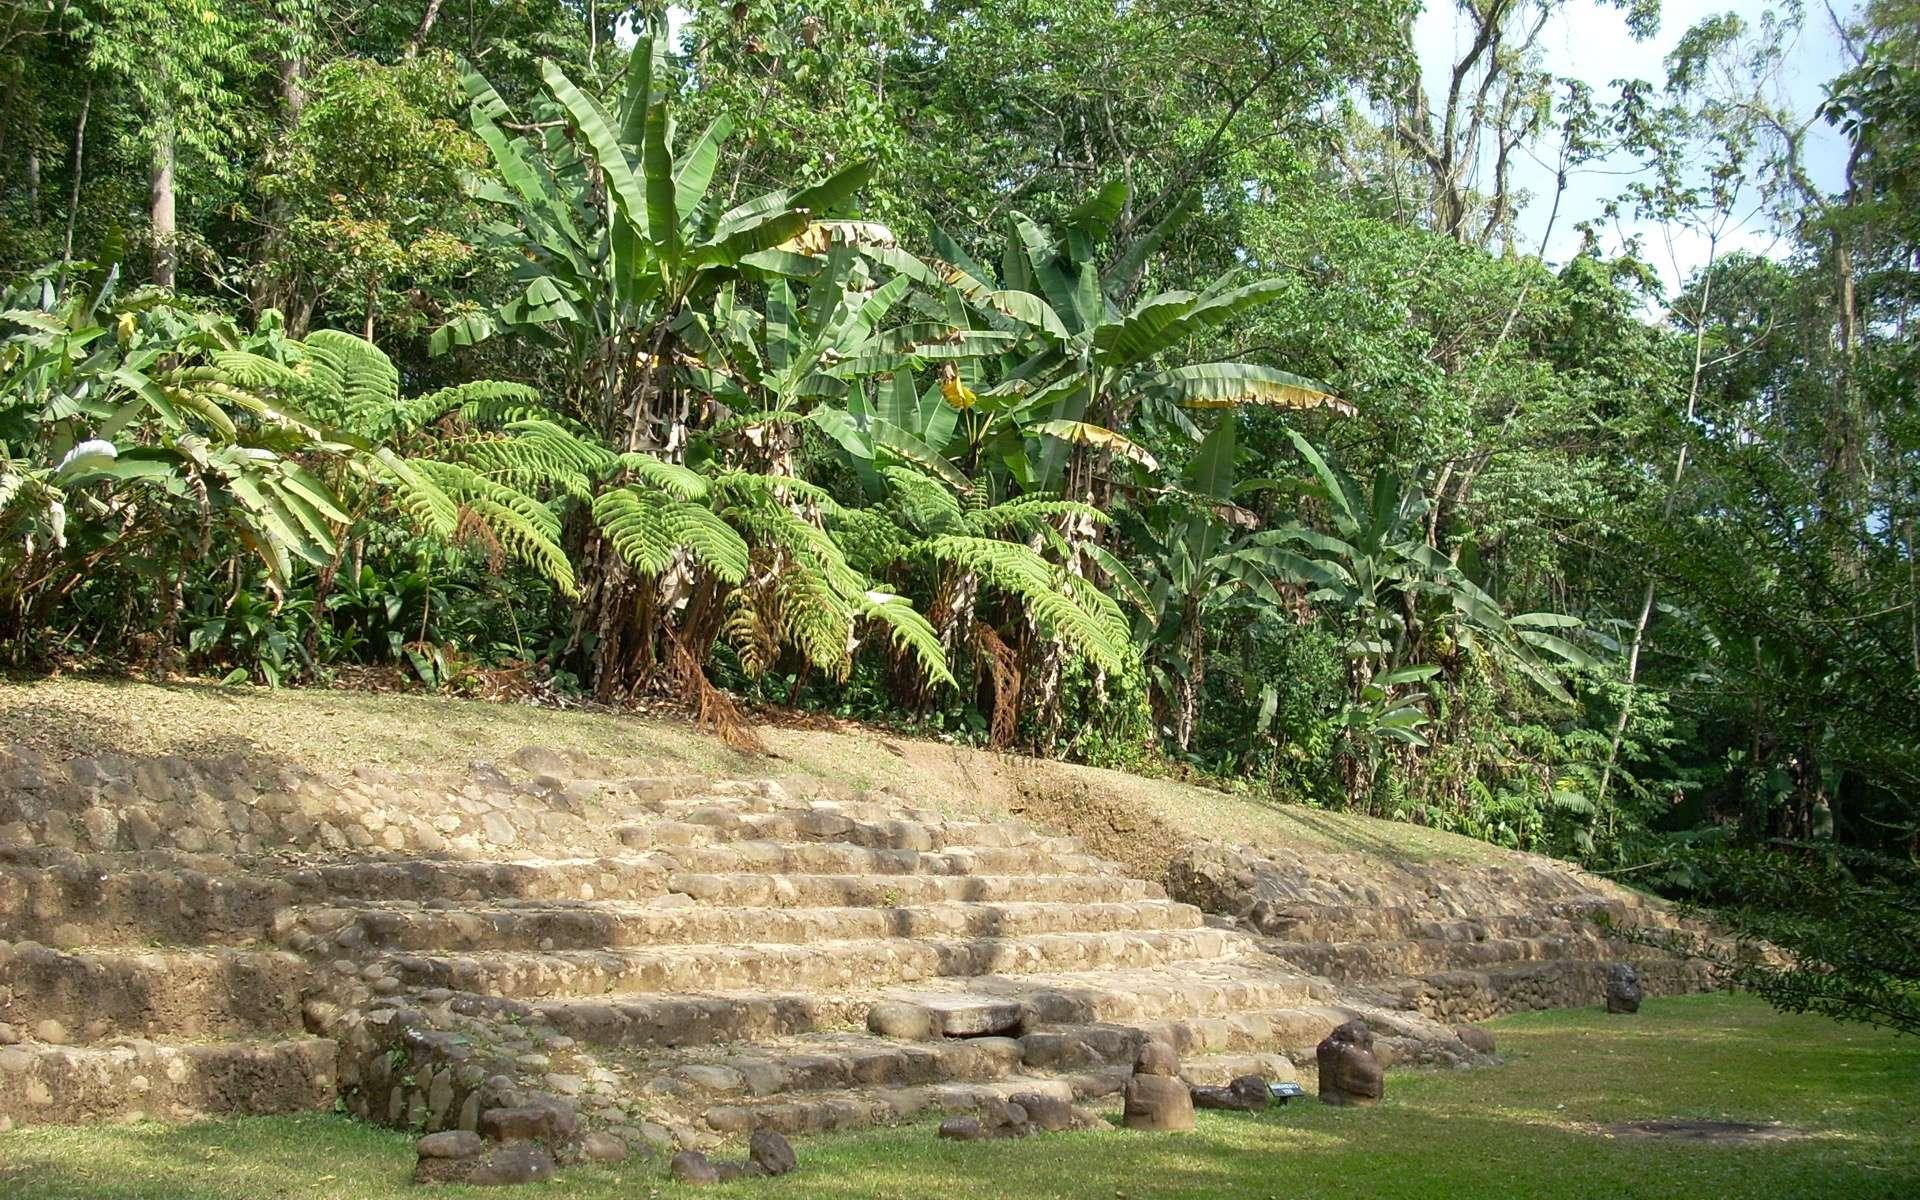 Sur le site archéologique de Takalik Abaj, au Guatemala, l'escalier d'accès à la terrasse 3. © Simon Burchell, Wikimedia Commons, CC by-sa 3.0